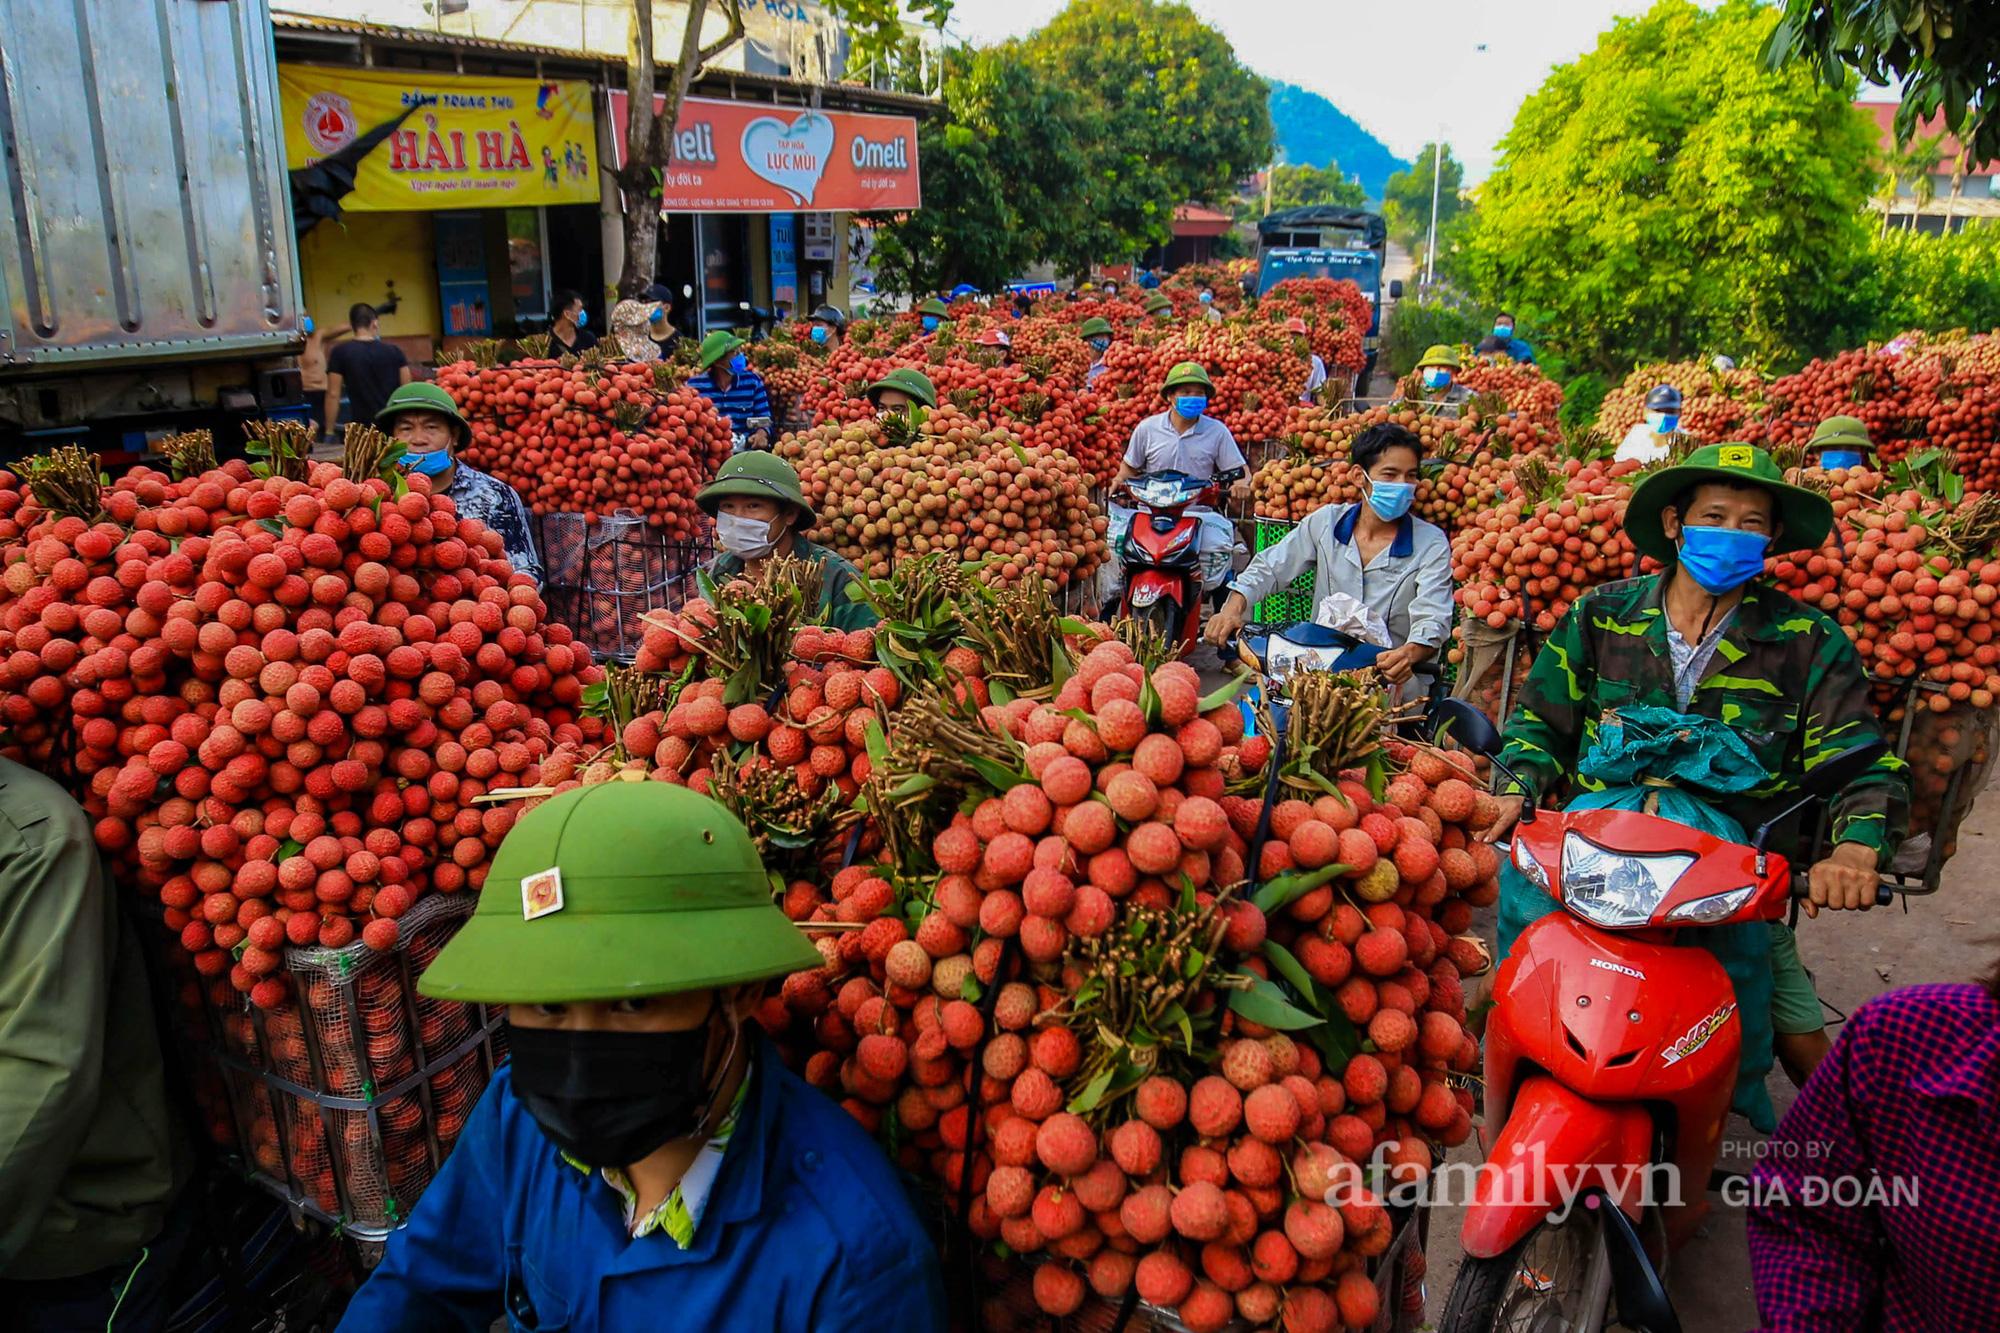 Chợ vải Bắc Giang nhộn nhịp vào mùa - Ảnh 5.